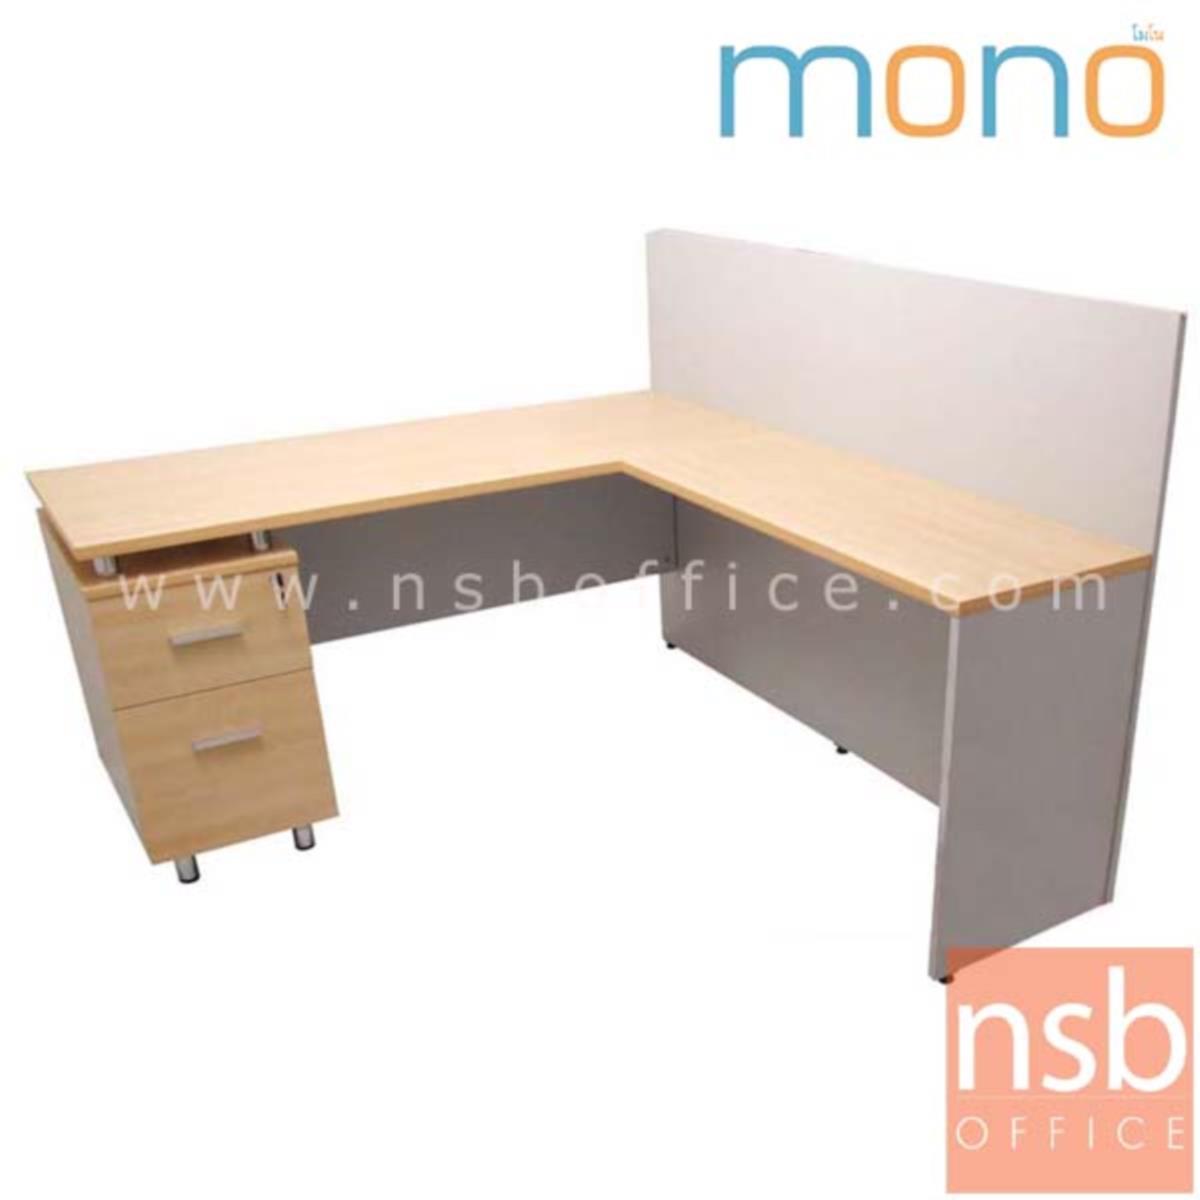 A16A077:โต๊ะทำงานตัวแอล 2 ลิ้นชัก  รุ่น MN-WYT1416 ขนาด 140W ,160W cm.  พร้อมแผ่นไม้กั้นข้างโต๊ะ เมลามีน